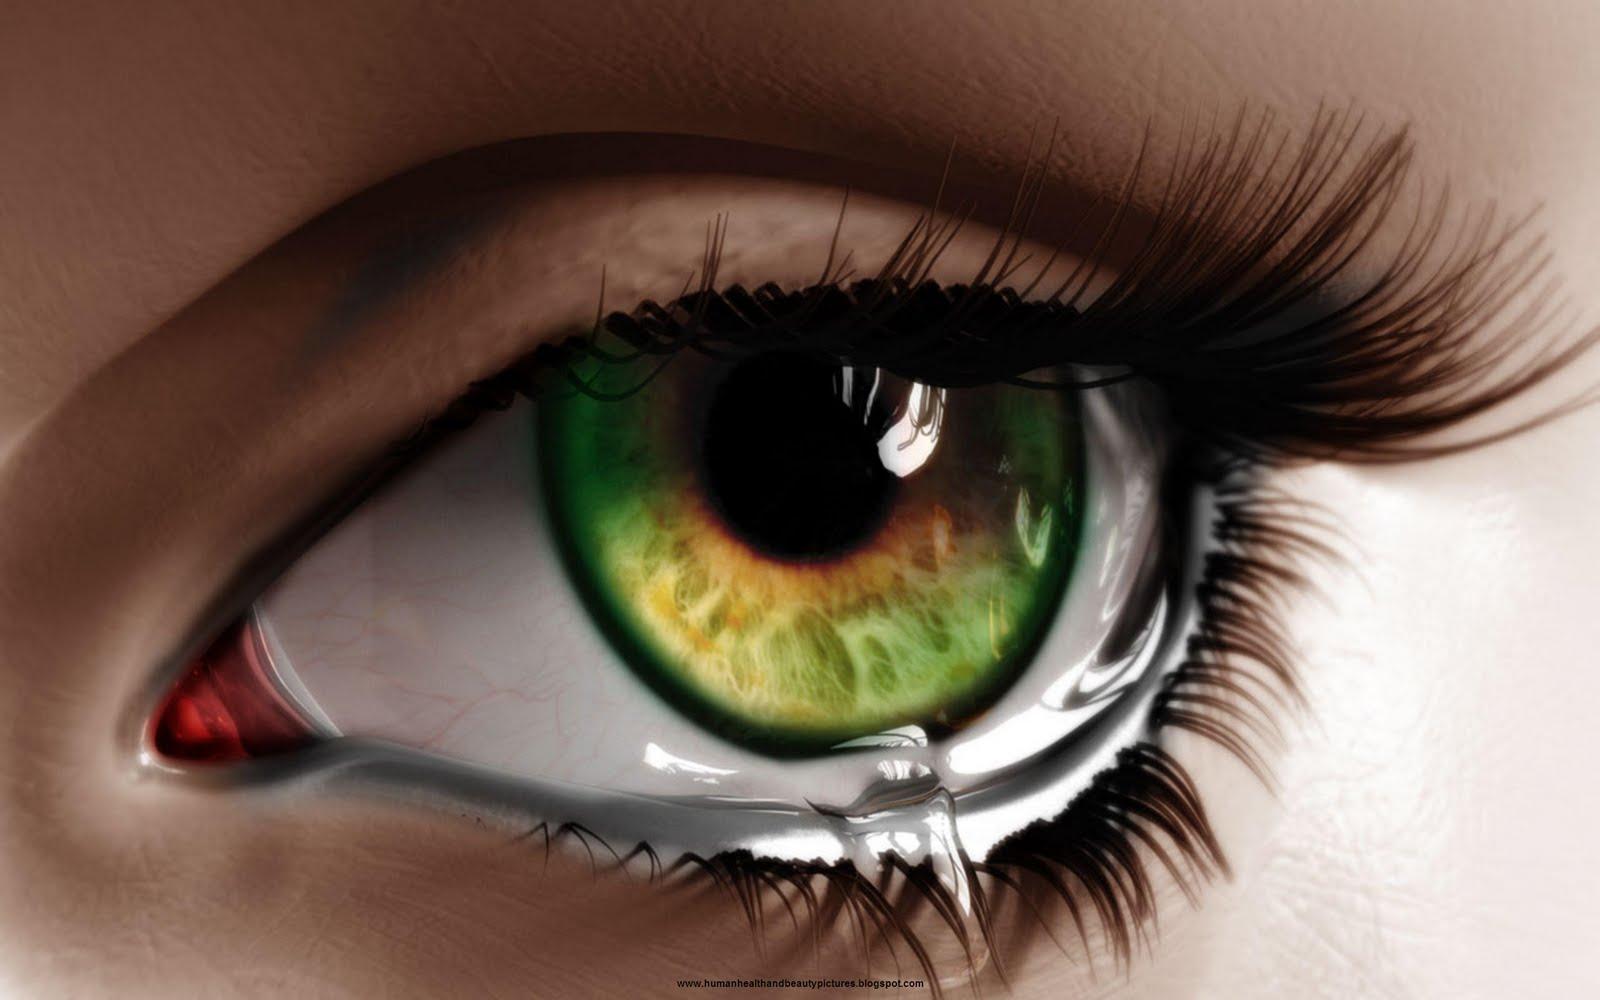 بالصور صور عيون خضر , اجمل عيون خضراء فى العالم 145 4